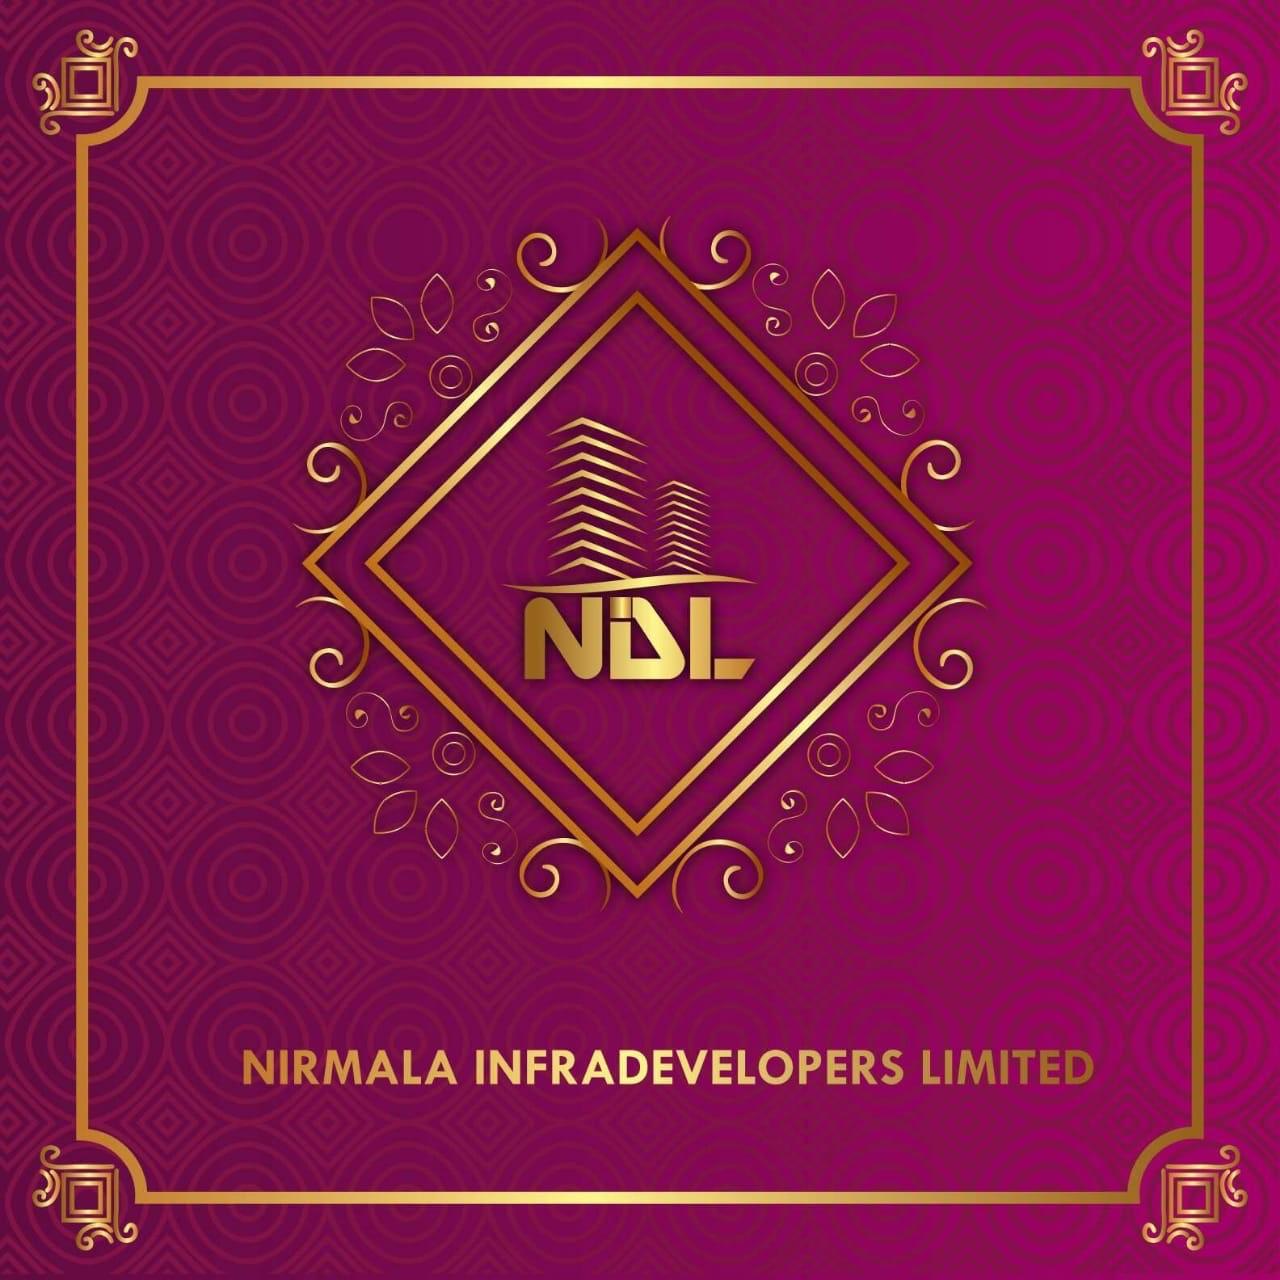 Nirmala Infra Developers